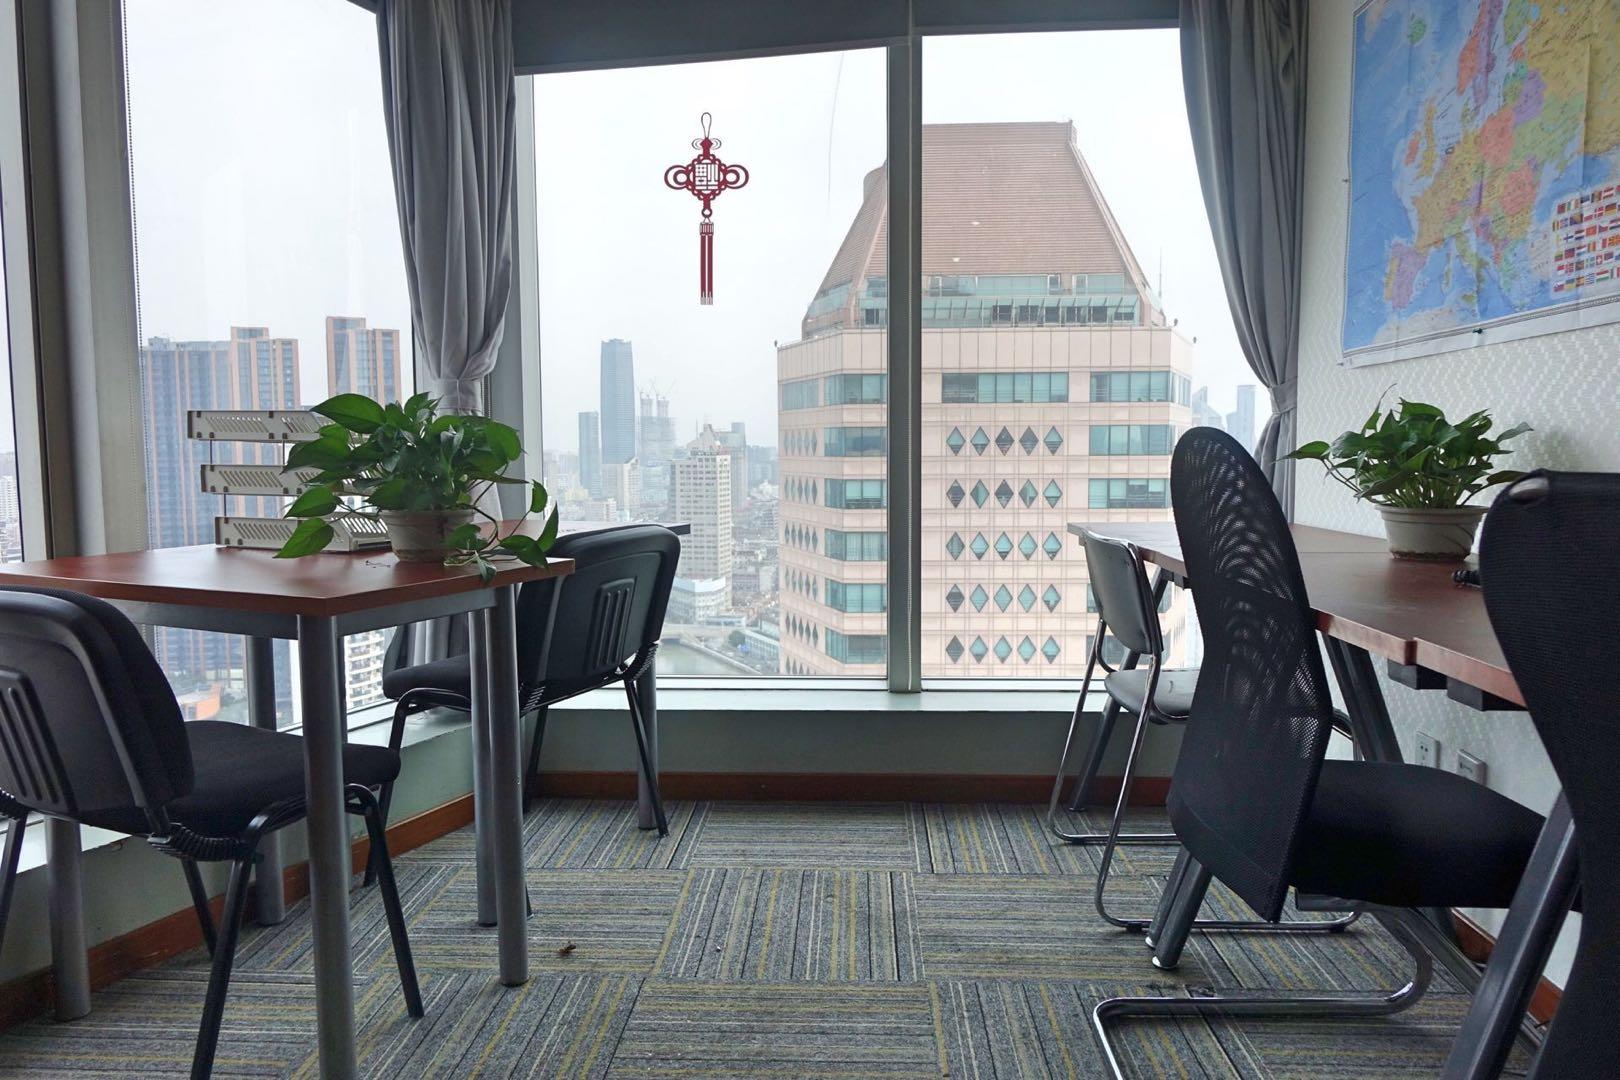 科技京城第一际企业孵化园出租4人间带窗户现房